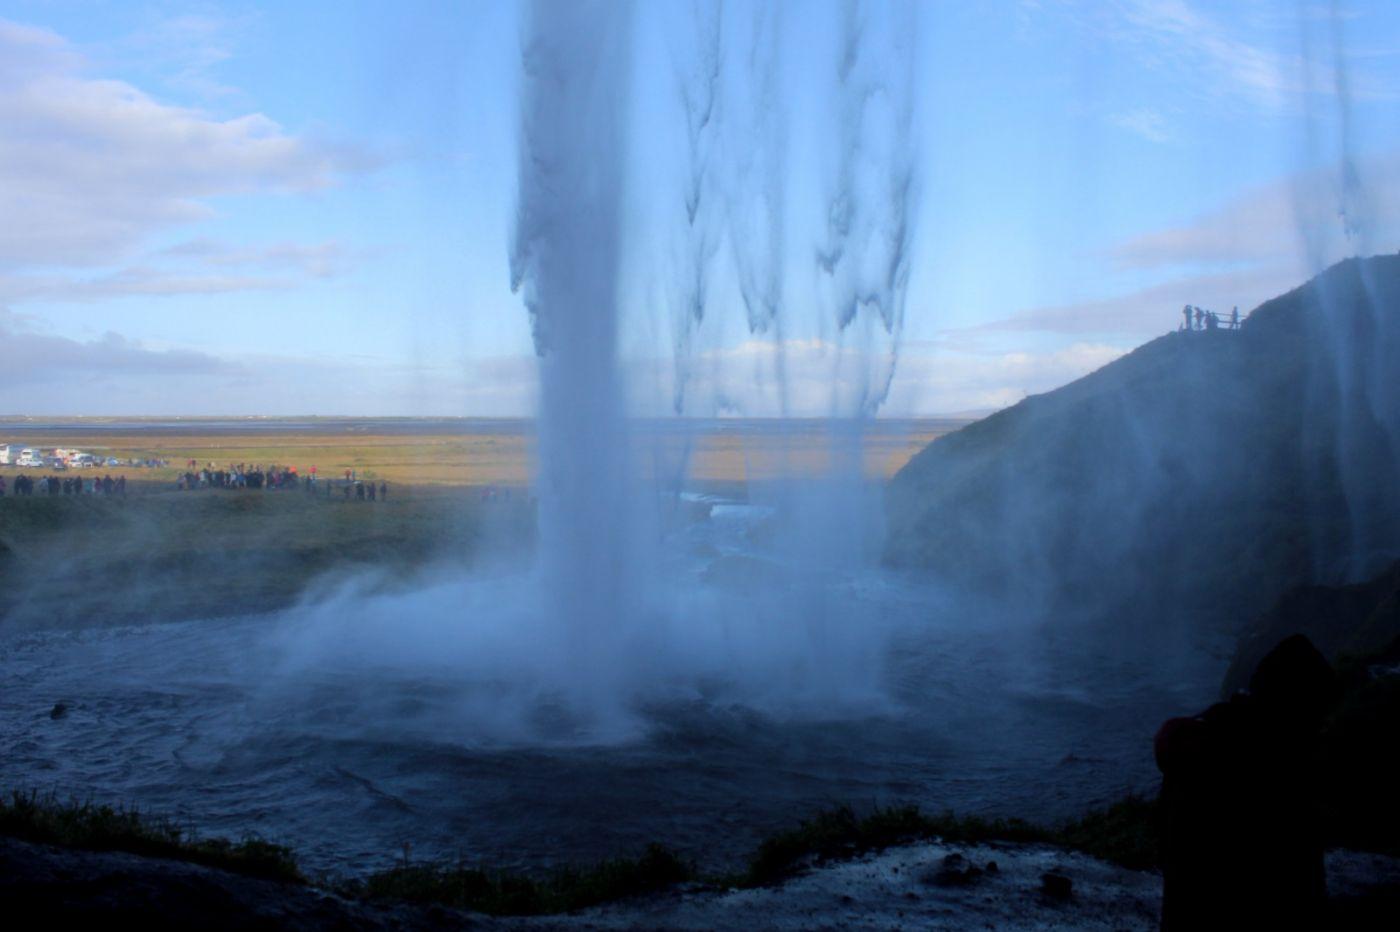 冰岛水帘洞瀑布和彩虹瀑布_图1-7